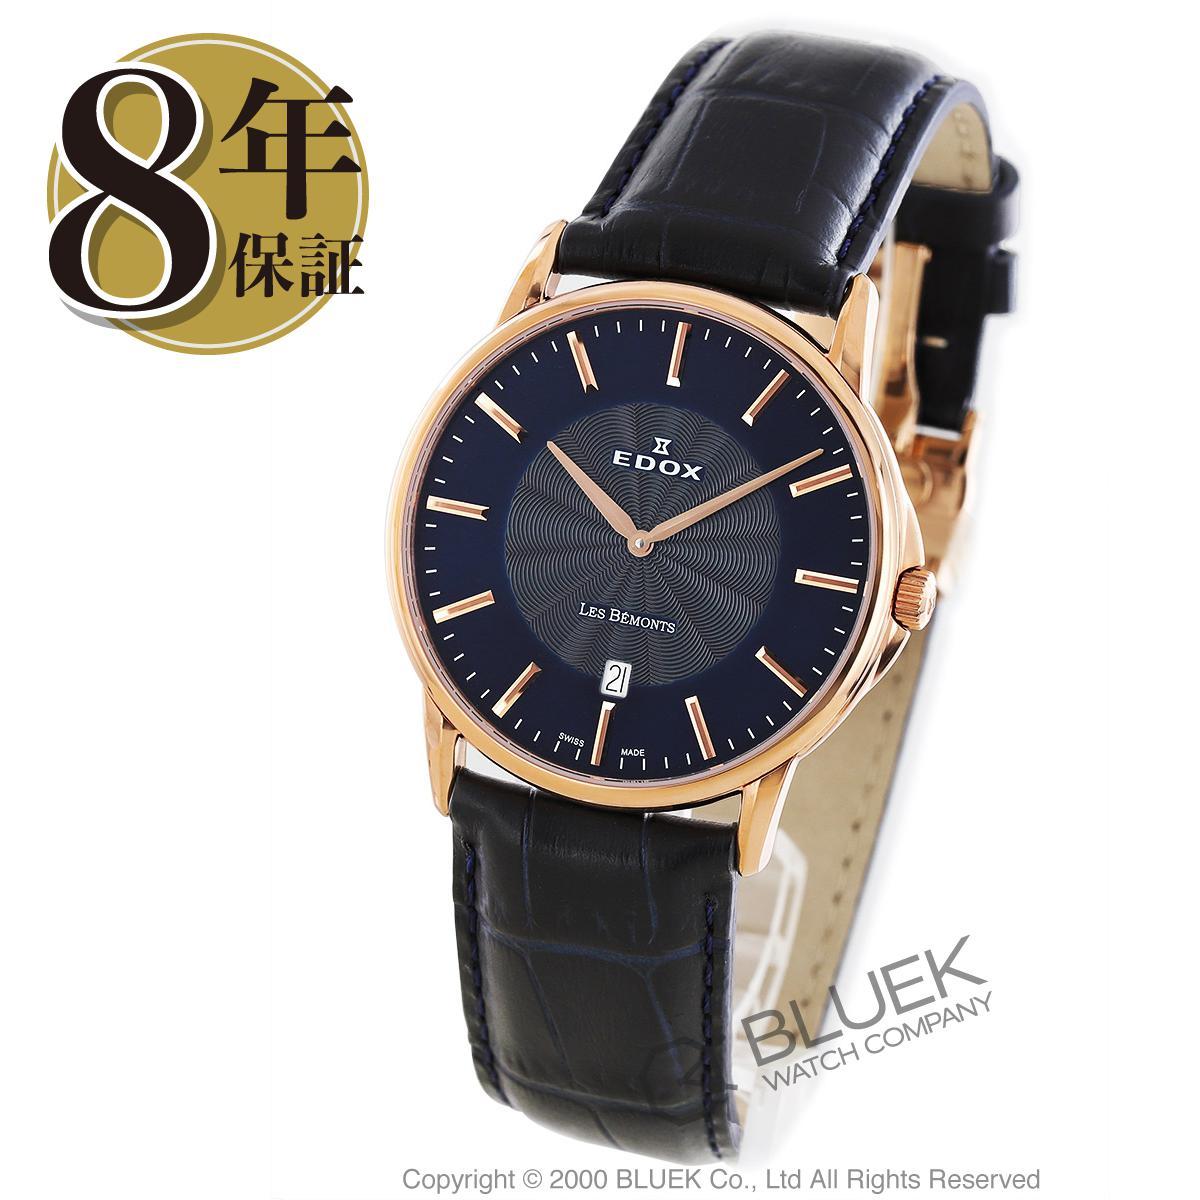 【最大3万円割引クーポン 11/01~】エドックス レ・ベモン ウルトラスリム 腕時計 メンズ EDOX 56001-37R-BUIR_8